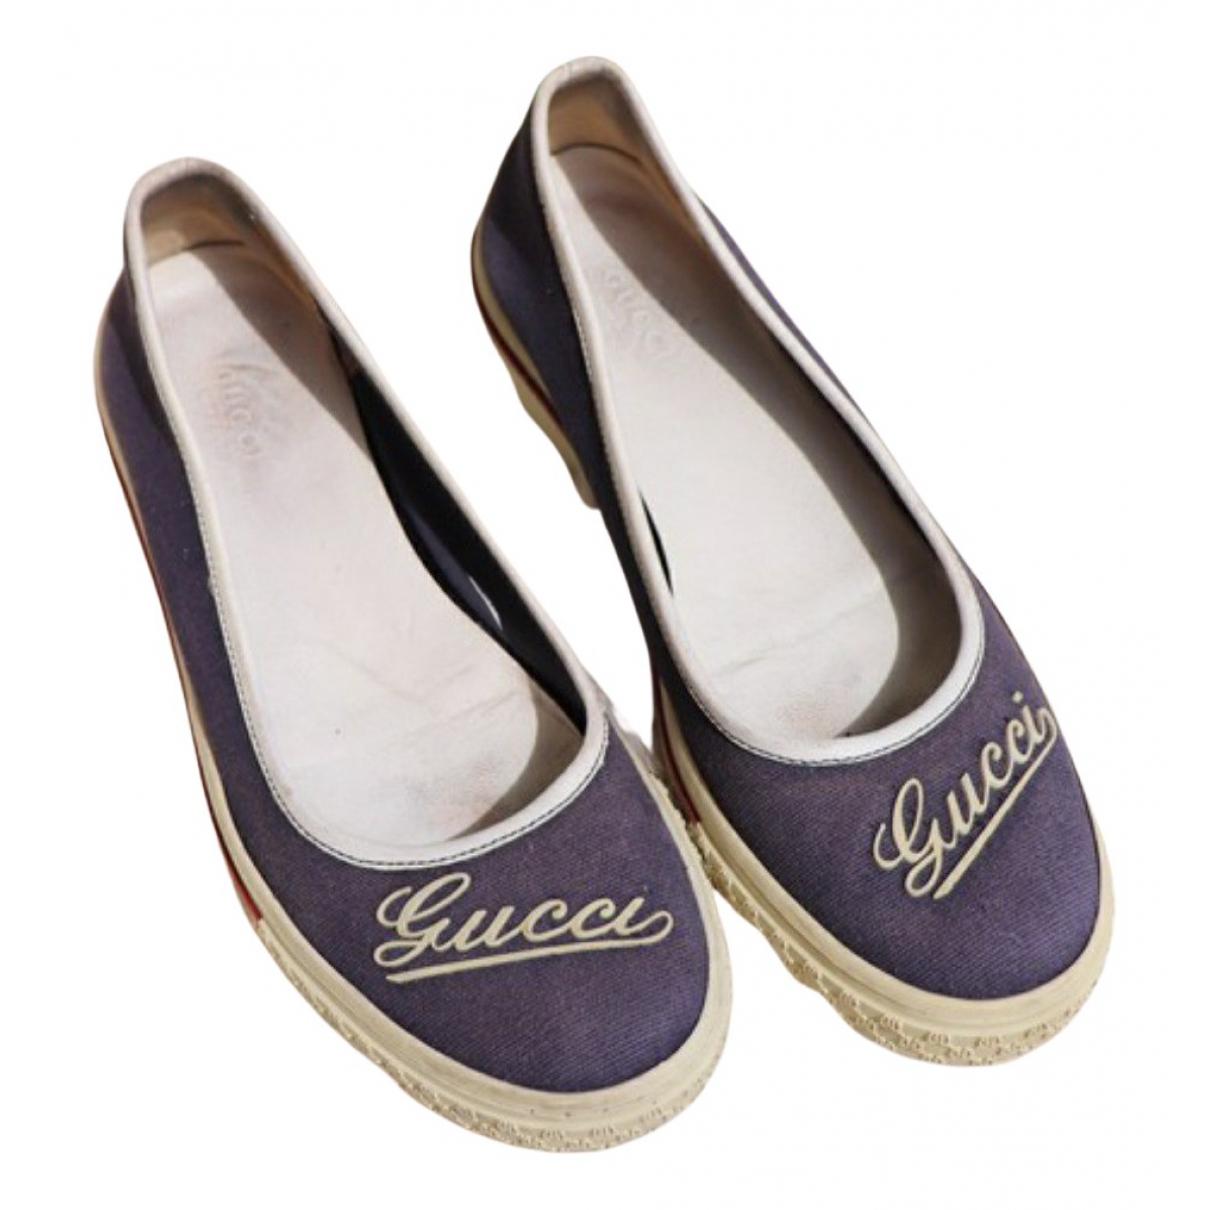 Bailarinas de Lona Gucci